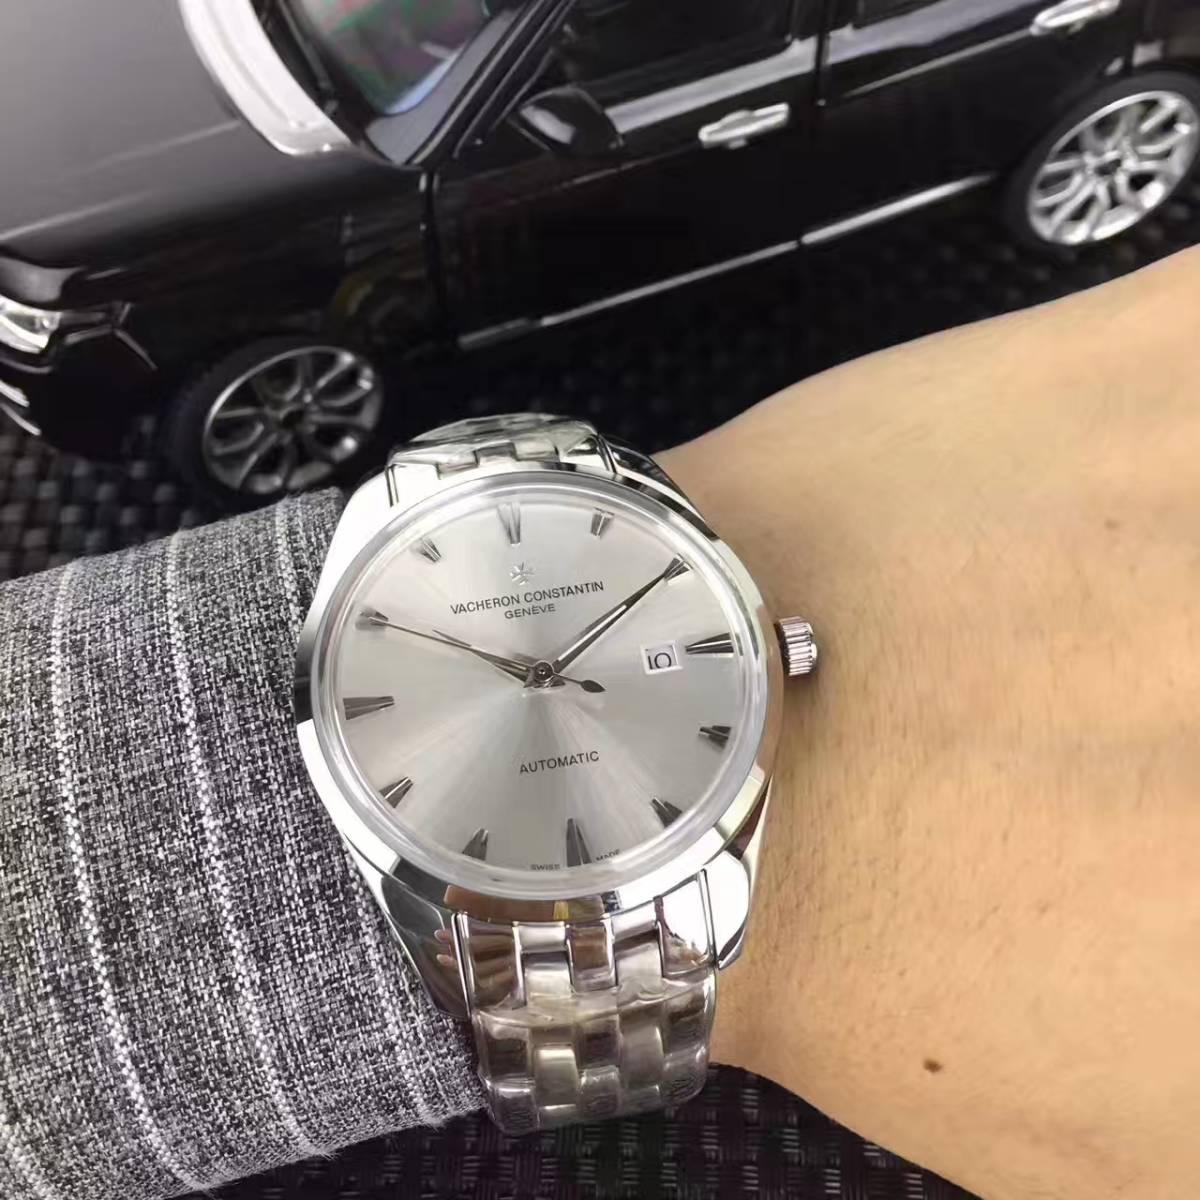 新品 ヴァシュロンコンスタンタン 高級感 男性用 腕時計 メンズ ウォッチ 自動巻き